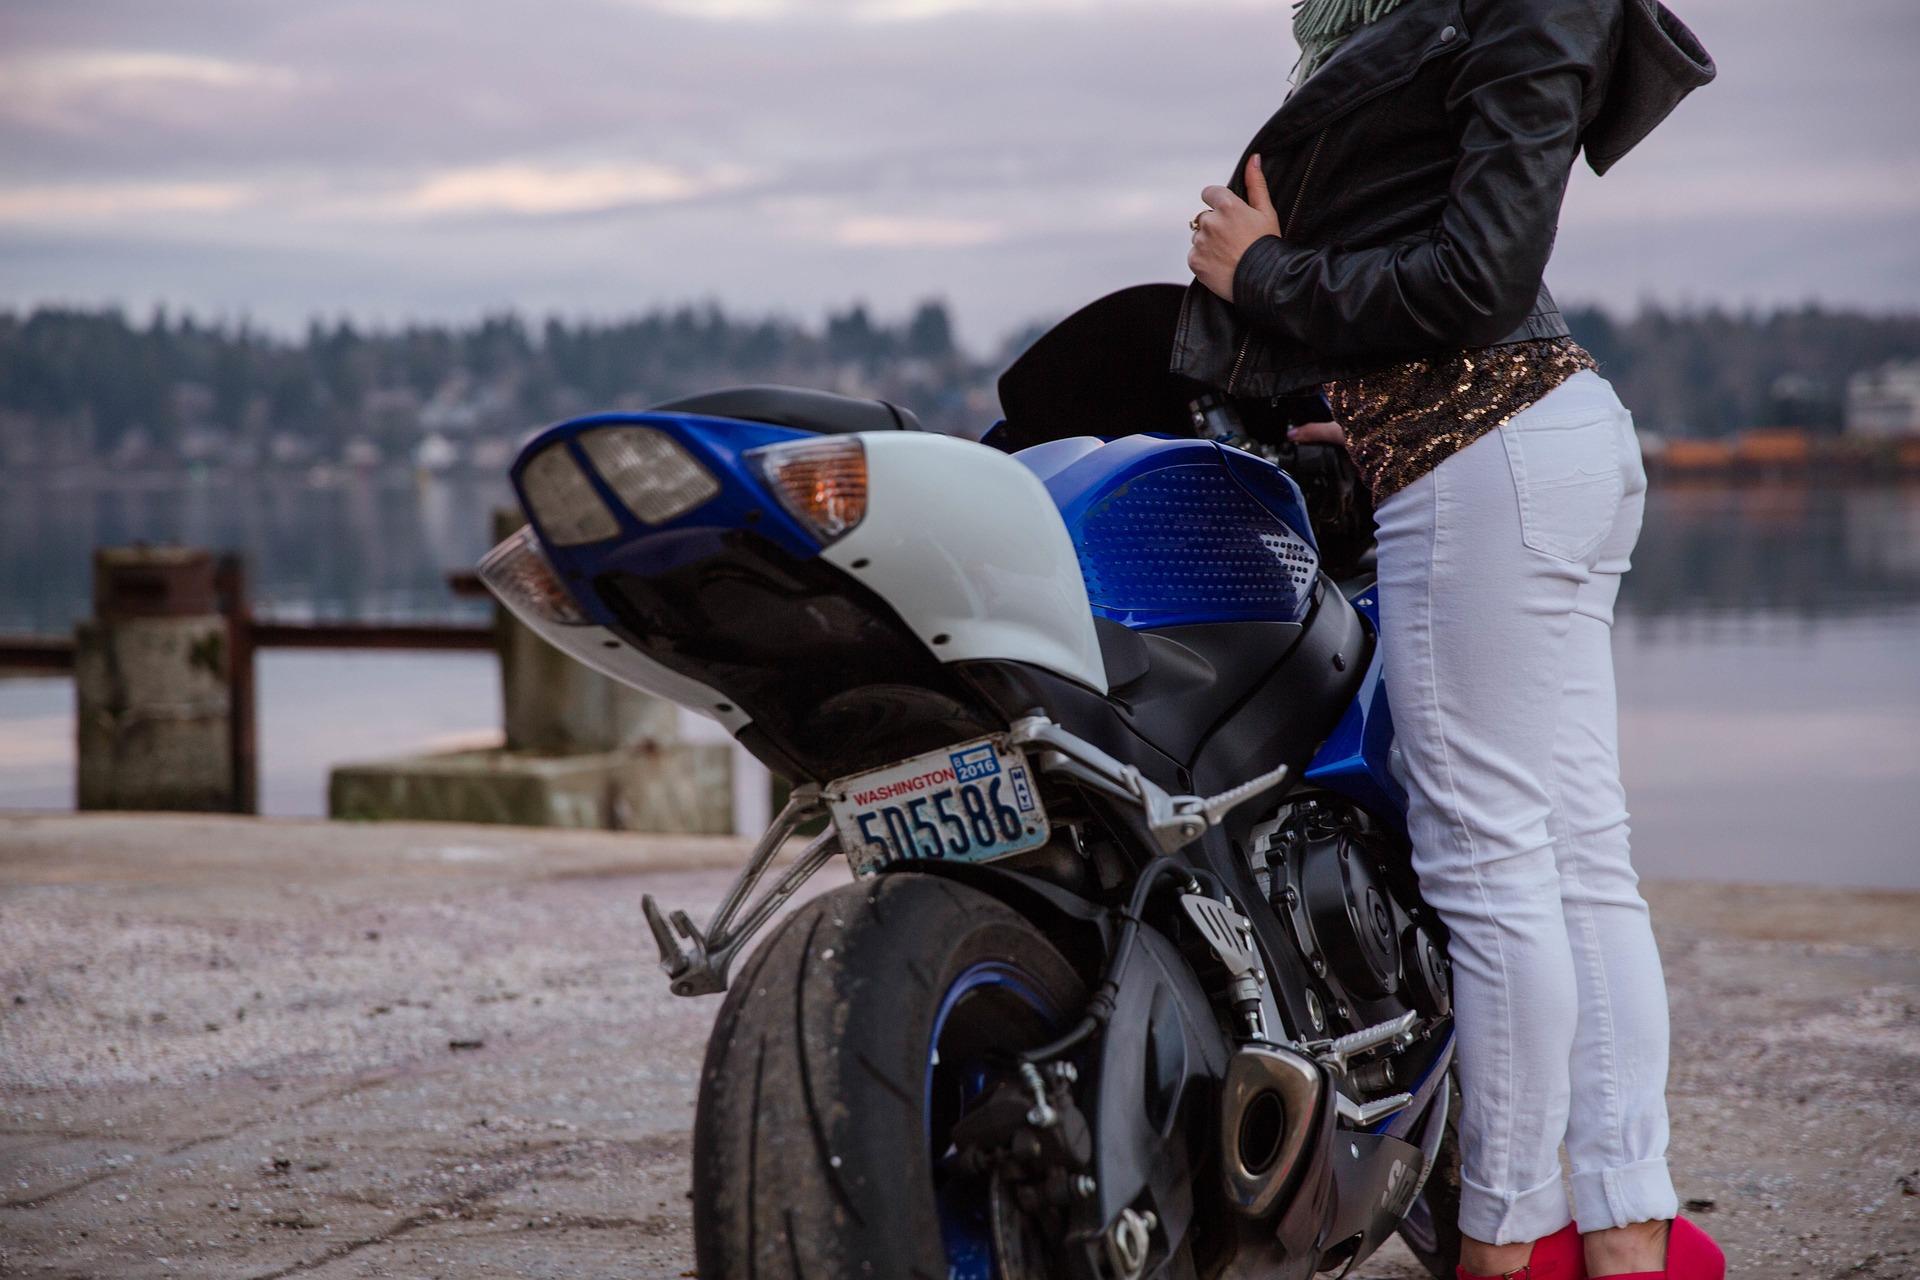 Top 10 Things Every Biker Needs Motorcycles